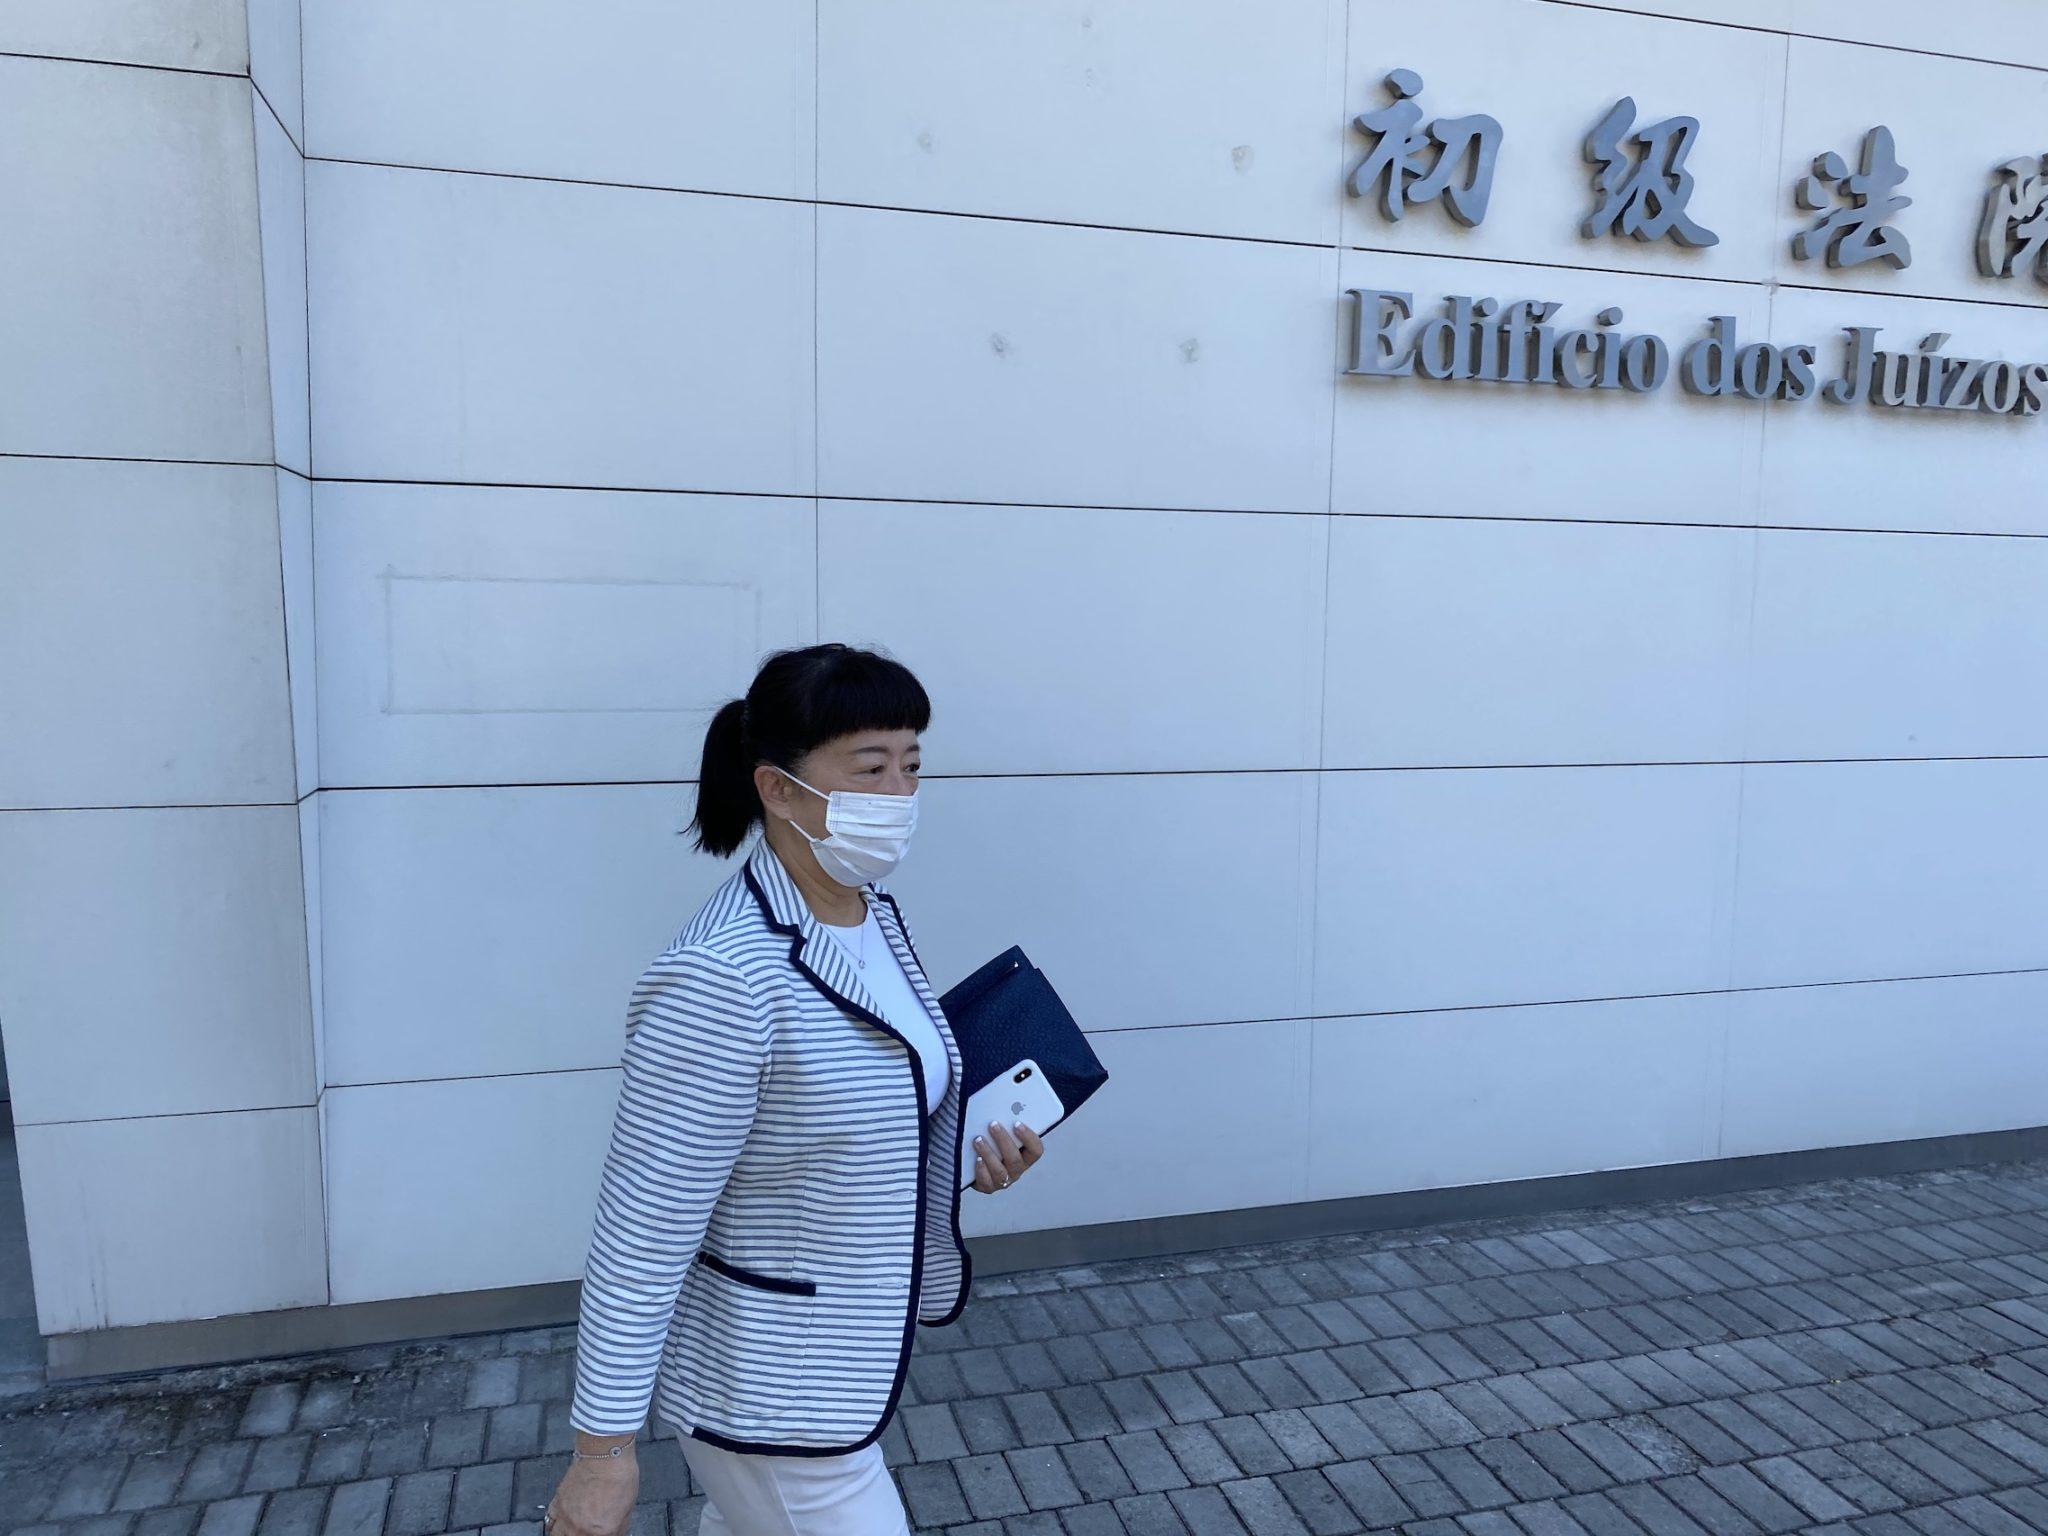 IPIM | Ânimos crispados levam Irene Lau a contestar perguntas de advogado